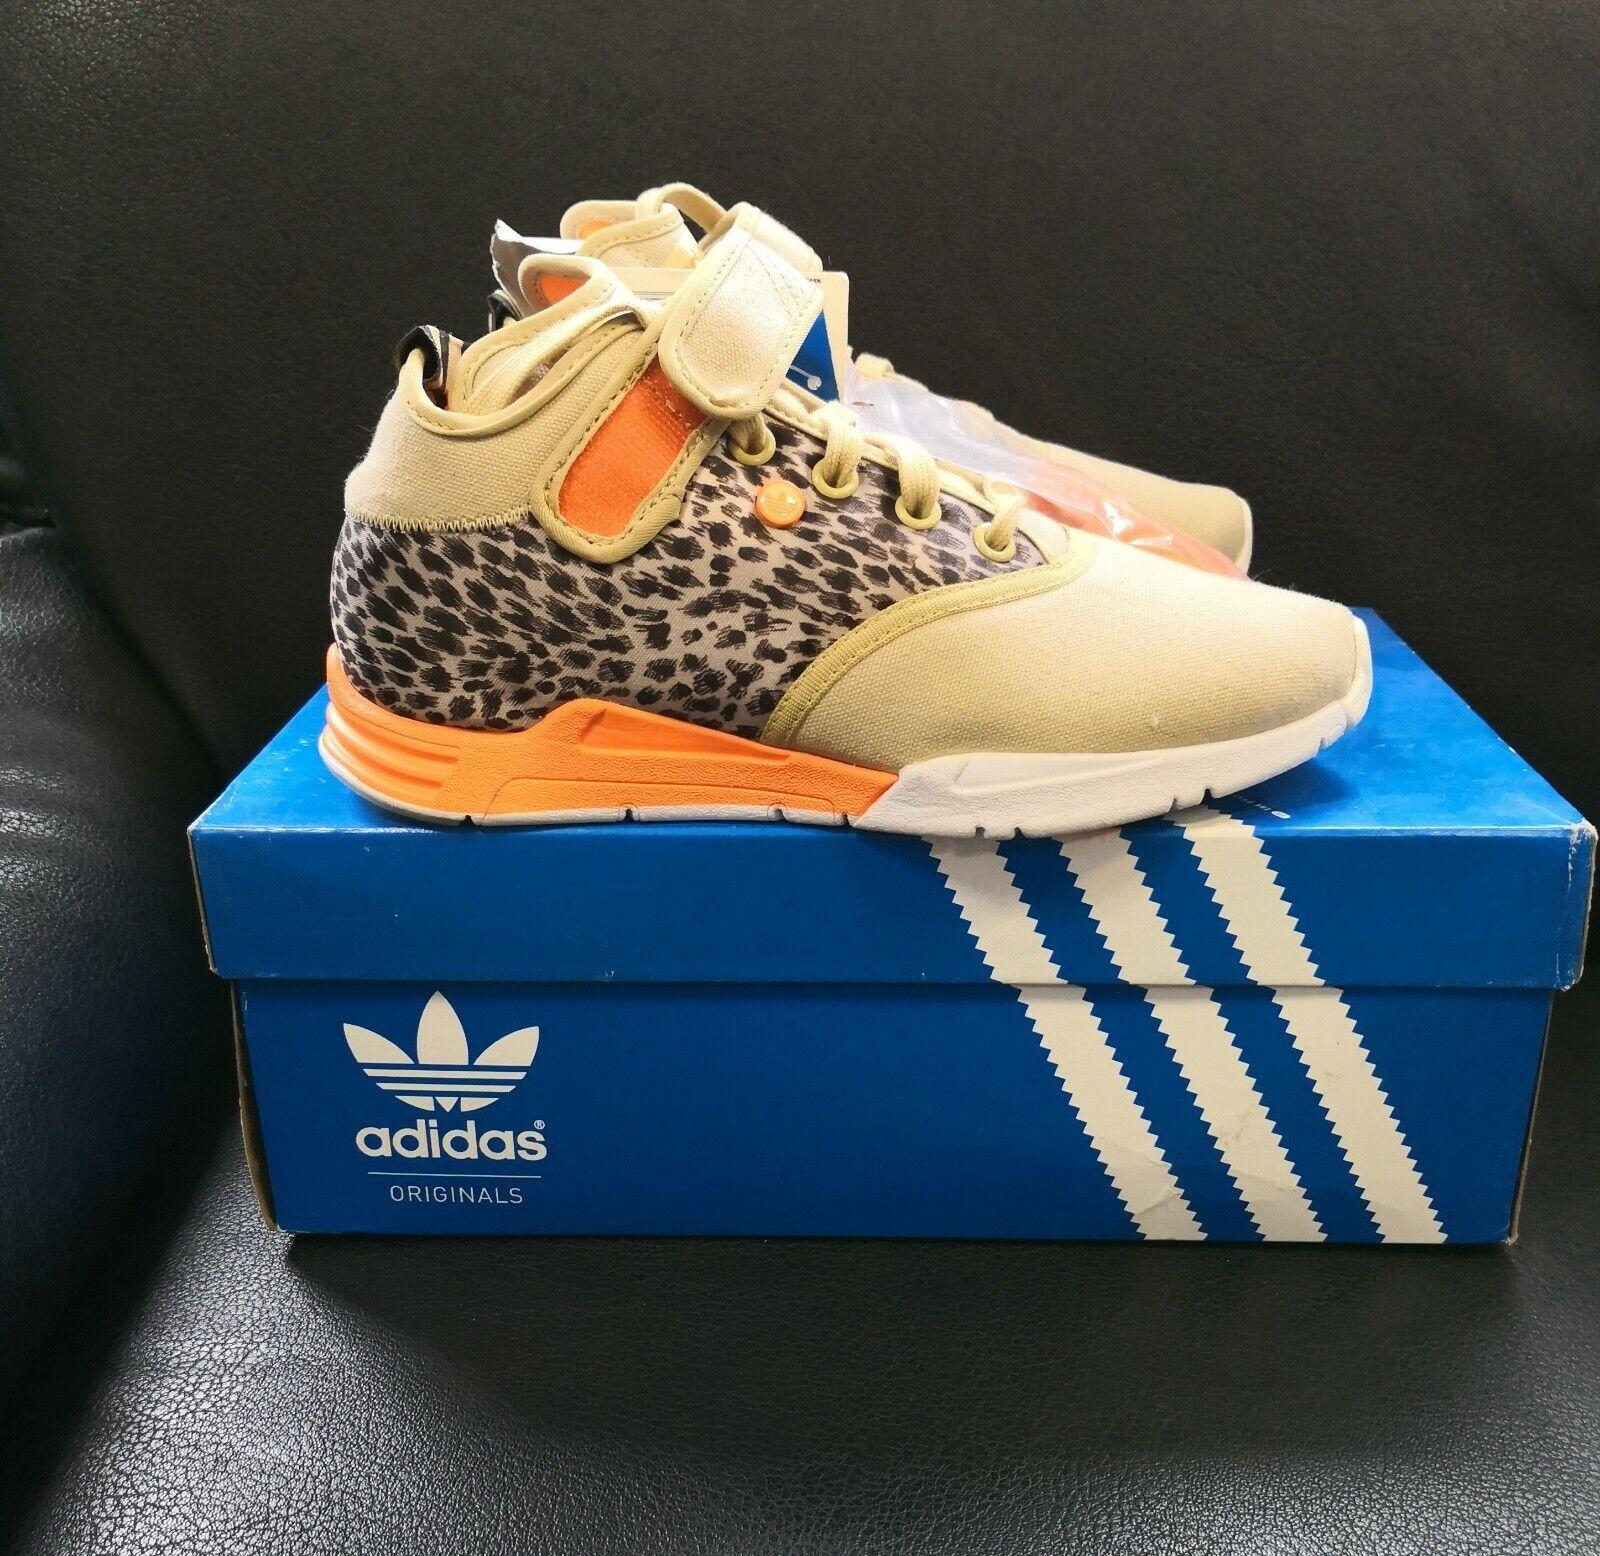 Adidas Originals Soft Cross Rare Trainers